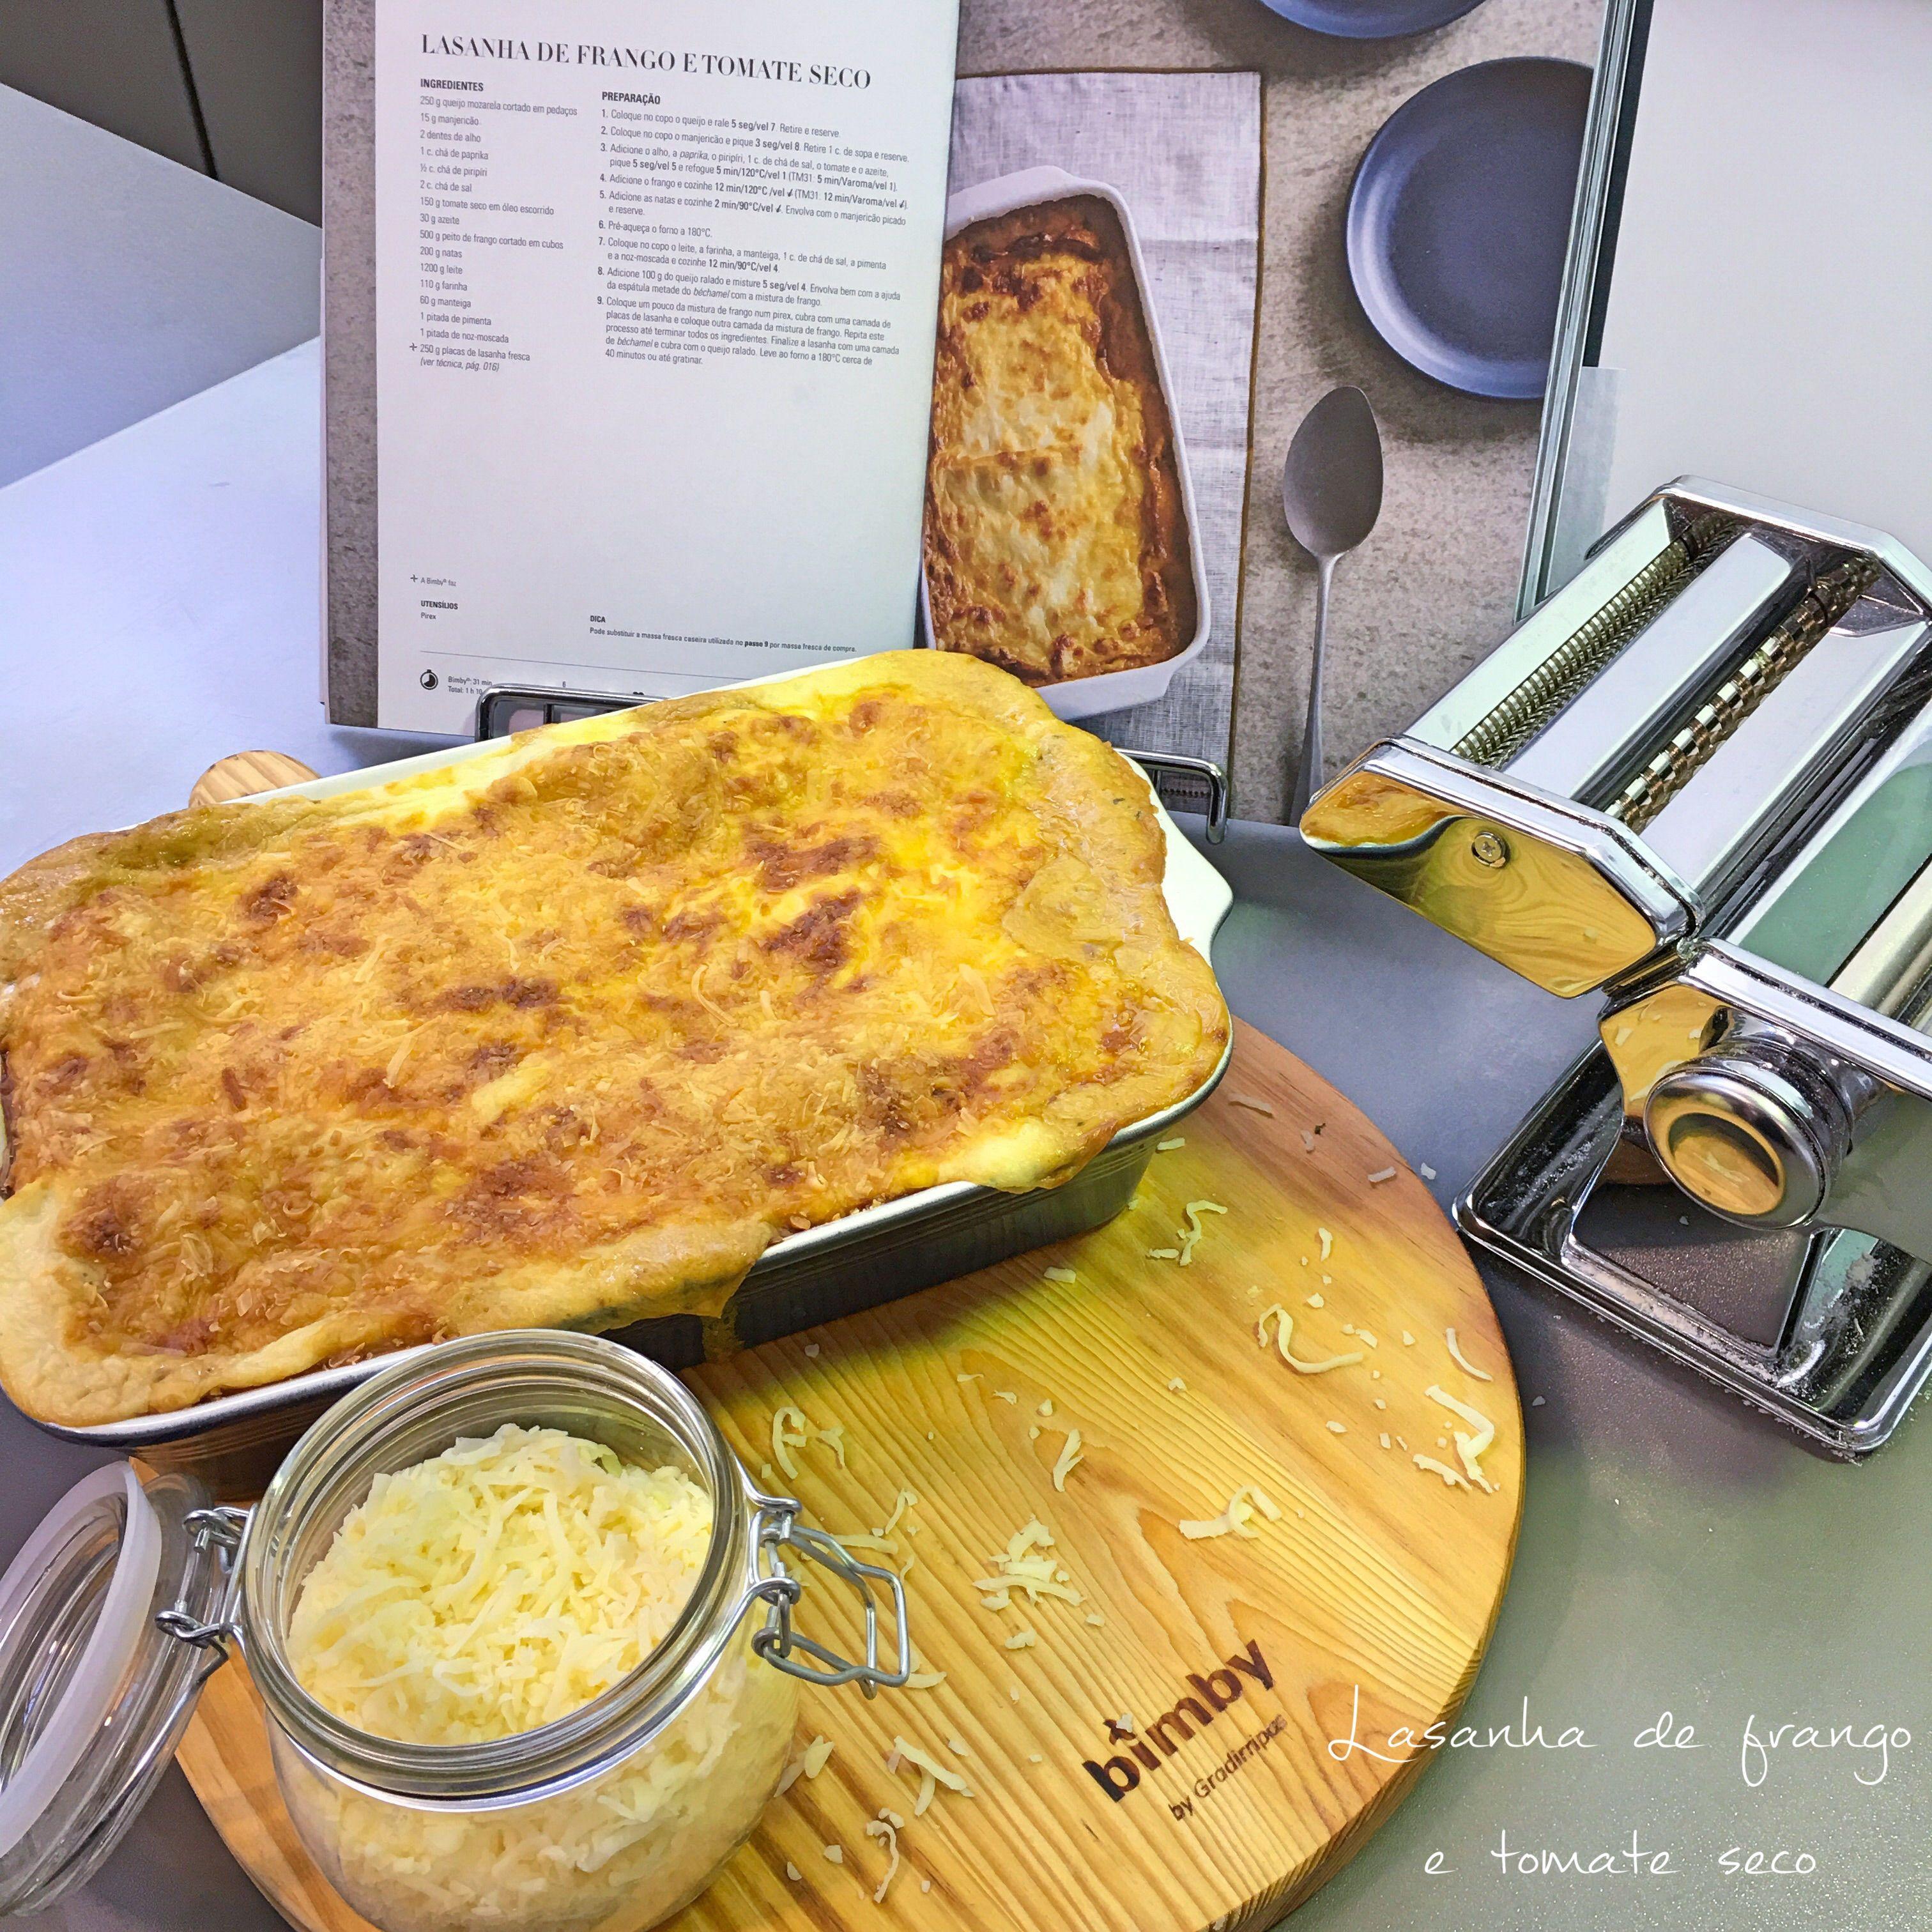 Há por aqui amantes de lasanha?!  Estão deixem que vos recomende esta... lasanha de frango e tomate seco 👌🏼com folhas de lasanha feitas na hora. Absolutamente divinal!!  #bimbymade #bimby #bimbyportugal #livrobimbypastaserisotos